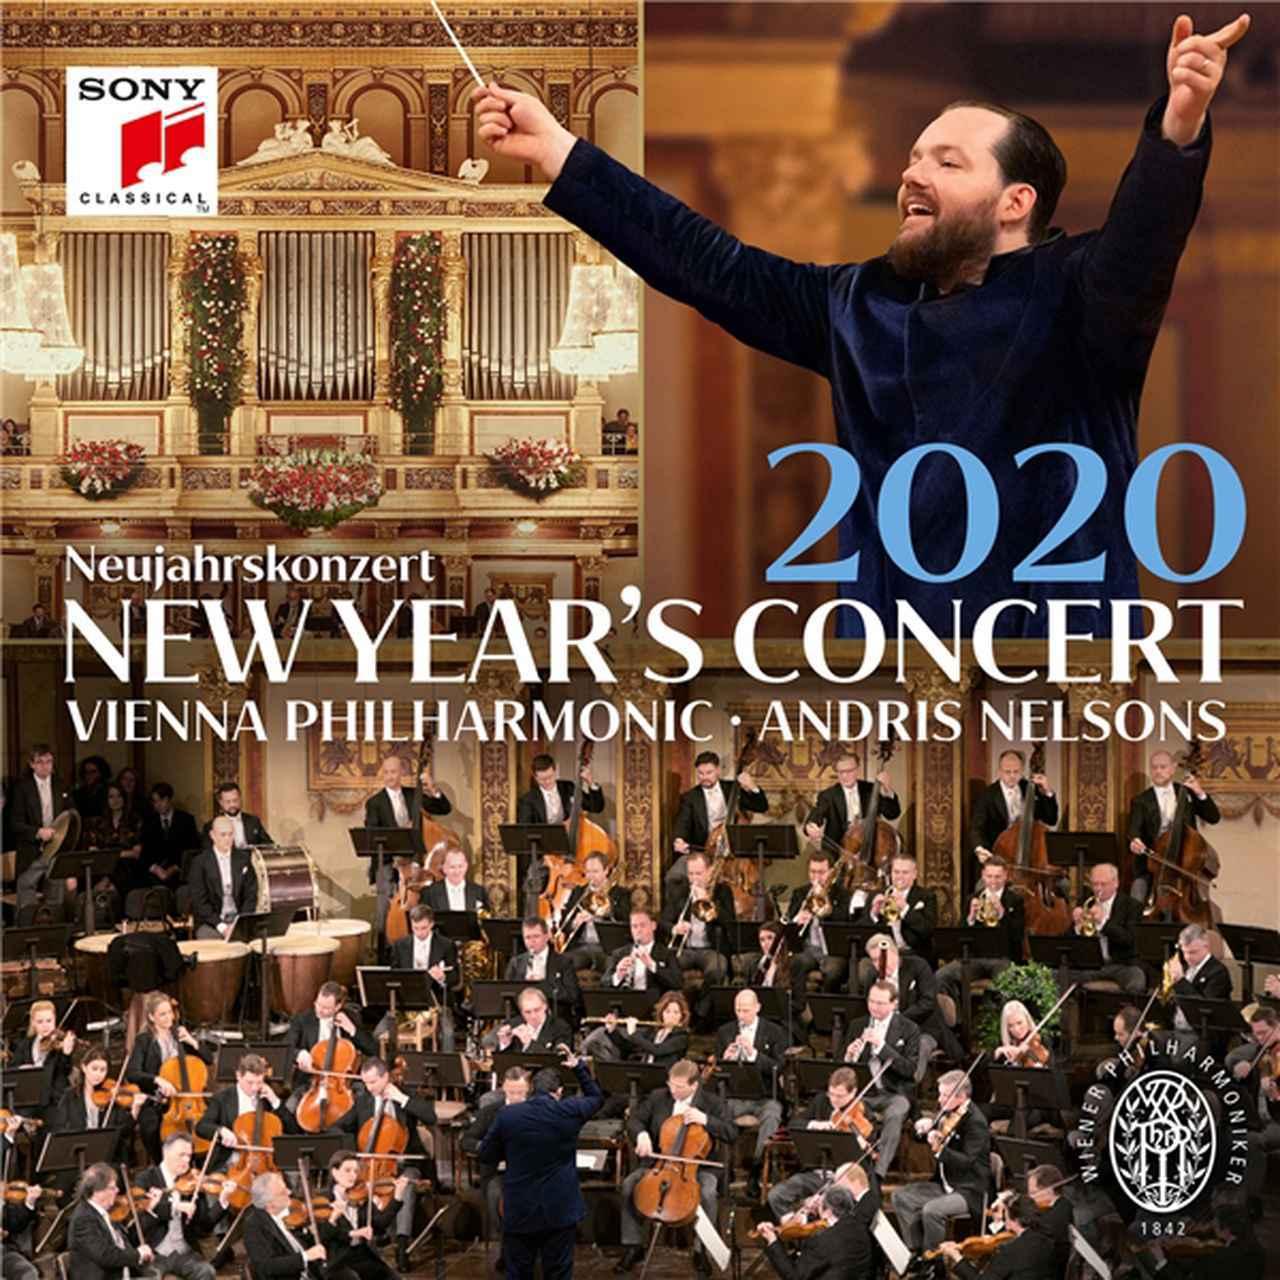 画像: (P) 2020 Wiener Philharmoniker under exclusive license to Sony Music Entertainment